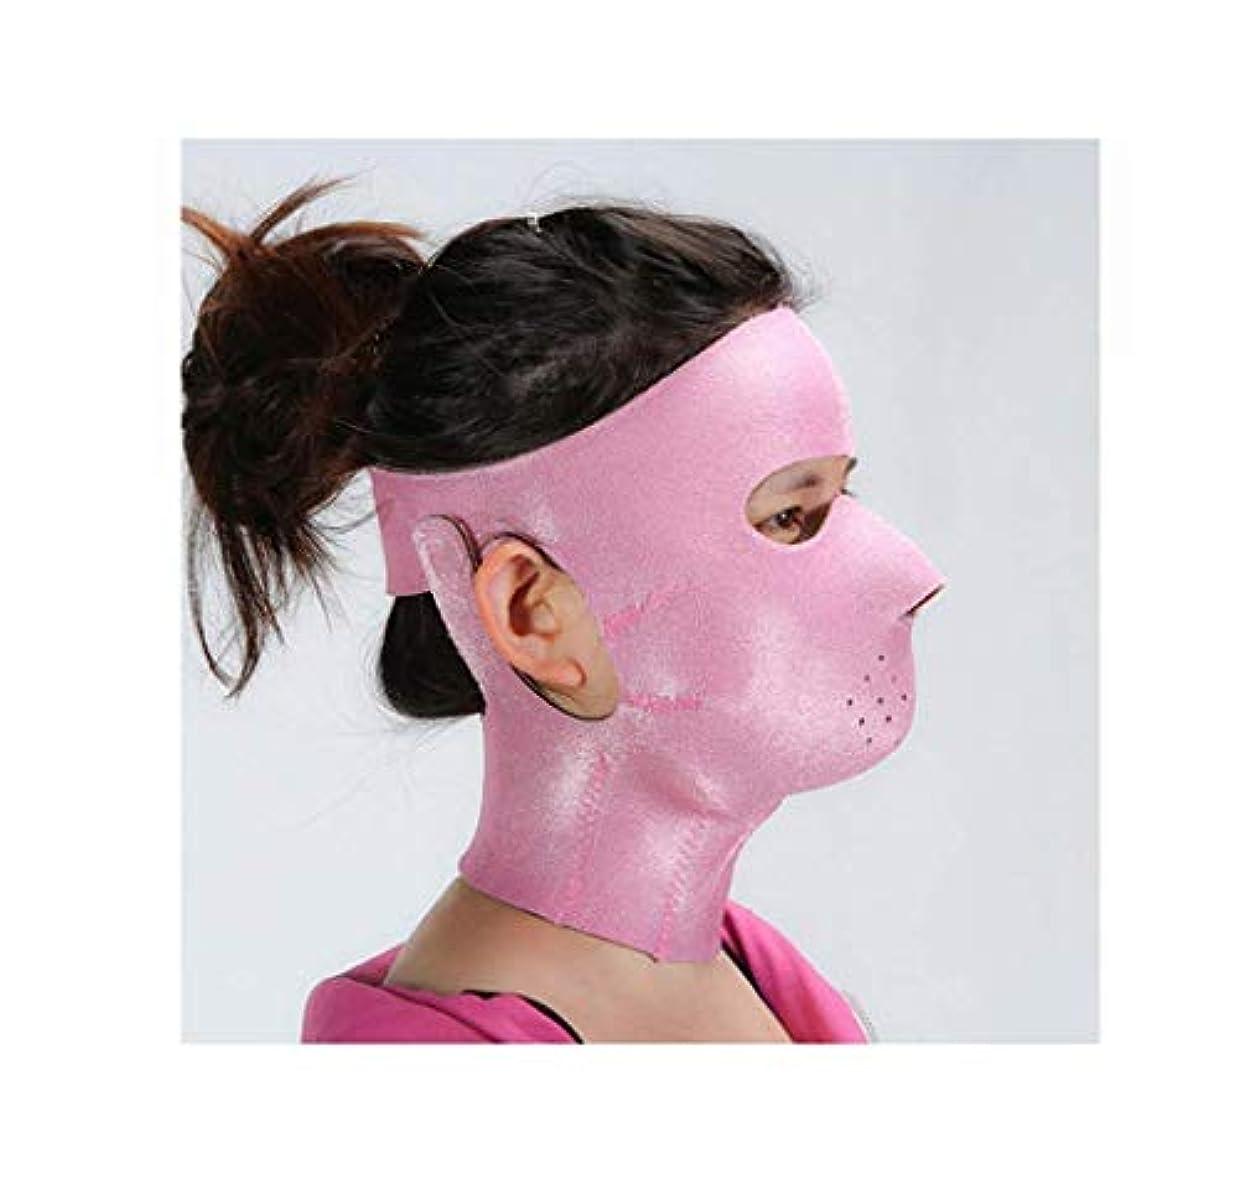 動機付ける反対した郊外フェイスリフトマスク、フェイシャルマスクプラス薄いフェイスマスクタイトなたるみの薄いフェイスマスクフェイシャル薄いフェイスマスクアーティファクトビューティーネックストラップ付き